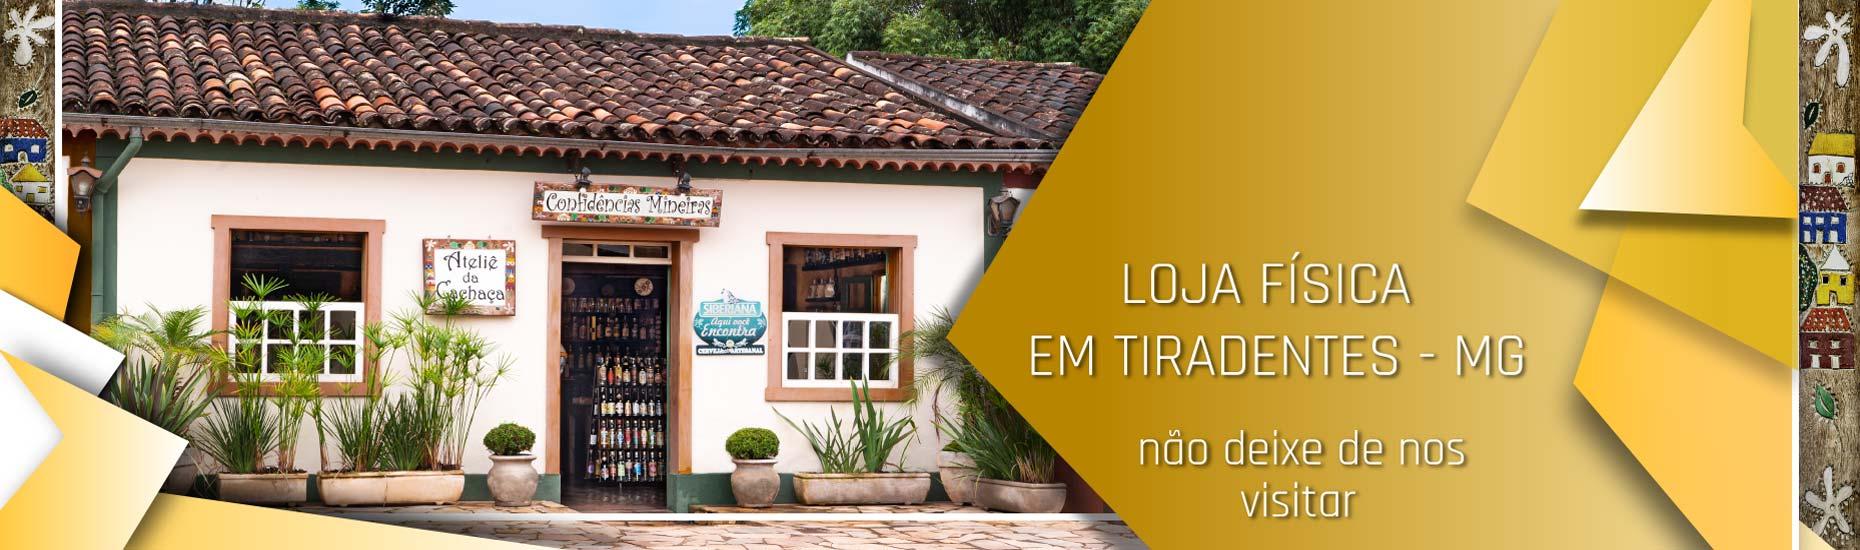 Loja física em Tiradentes, Minas Gerais não deixe de nos visitar